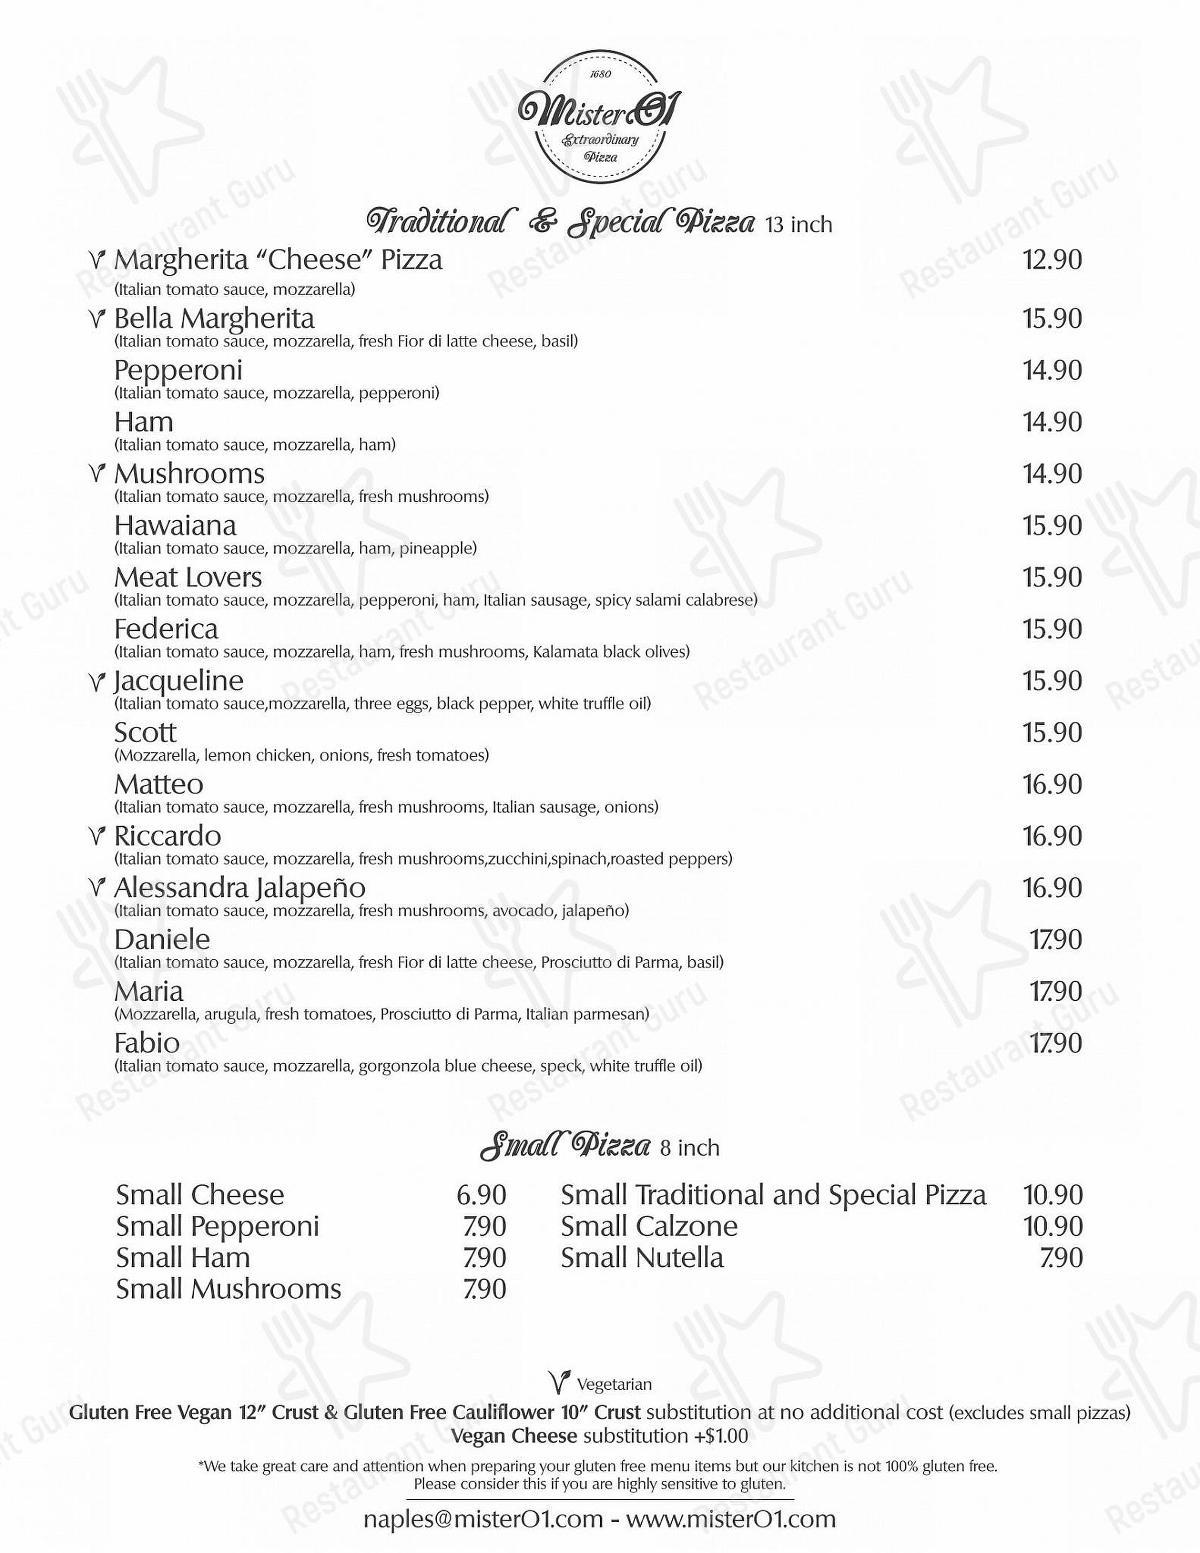 Меню для посетителей ресторана Mister O1 Extraordinary Pizza